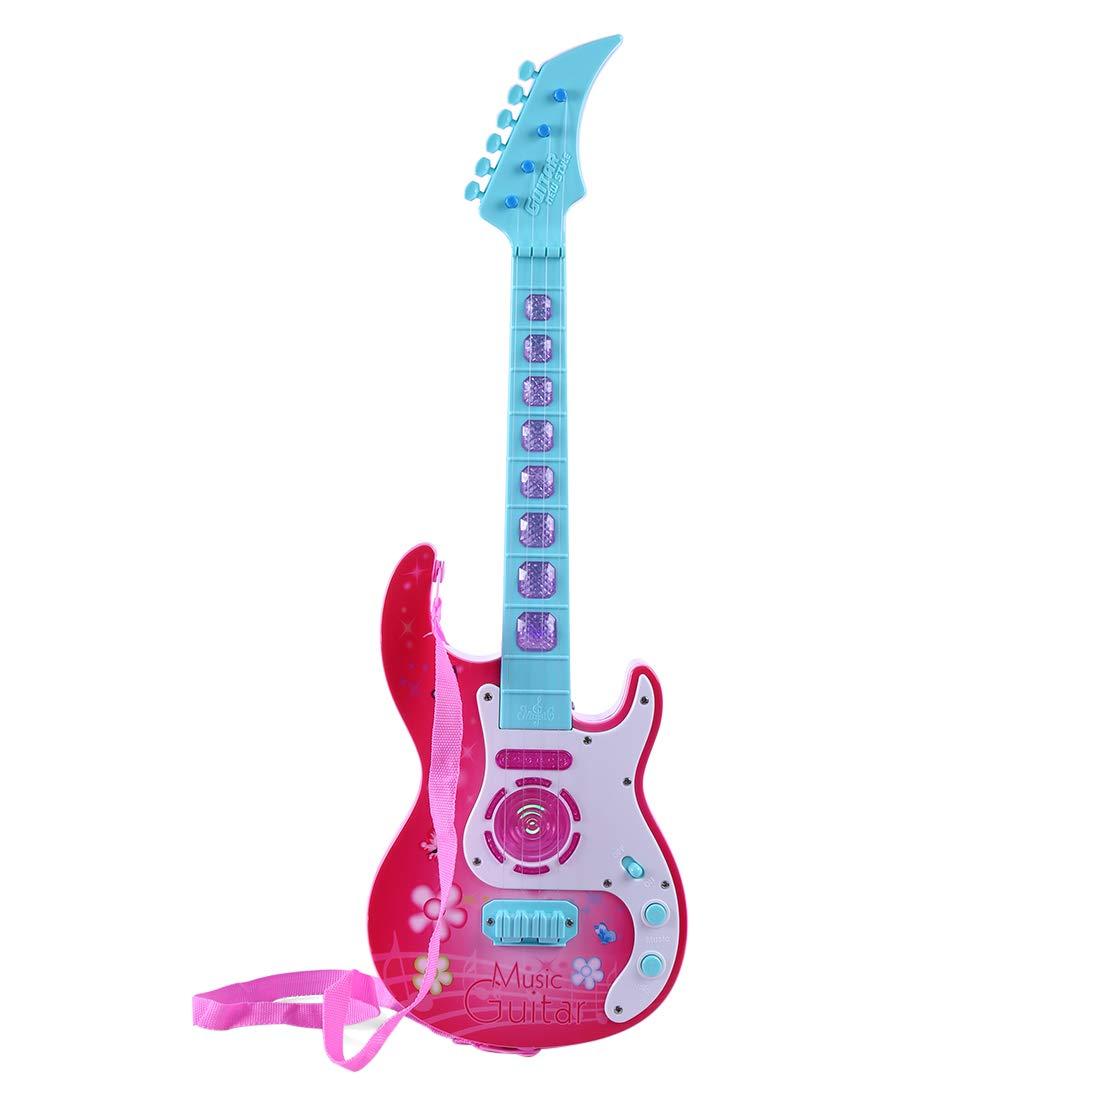 Rolanli Guitarra para Niños, 53cm 4 Cuerdas Guitarra de Instrumentos Juguetes Educativos para Niños Infantil Principiantes: Amazon.es: Juguetes y juegos